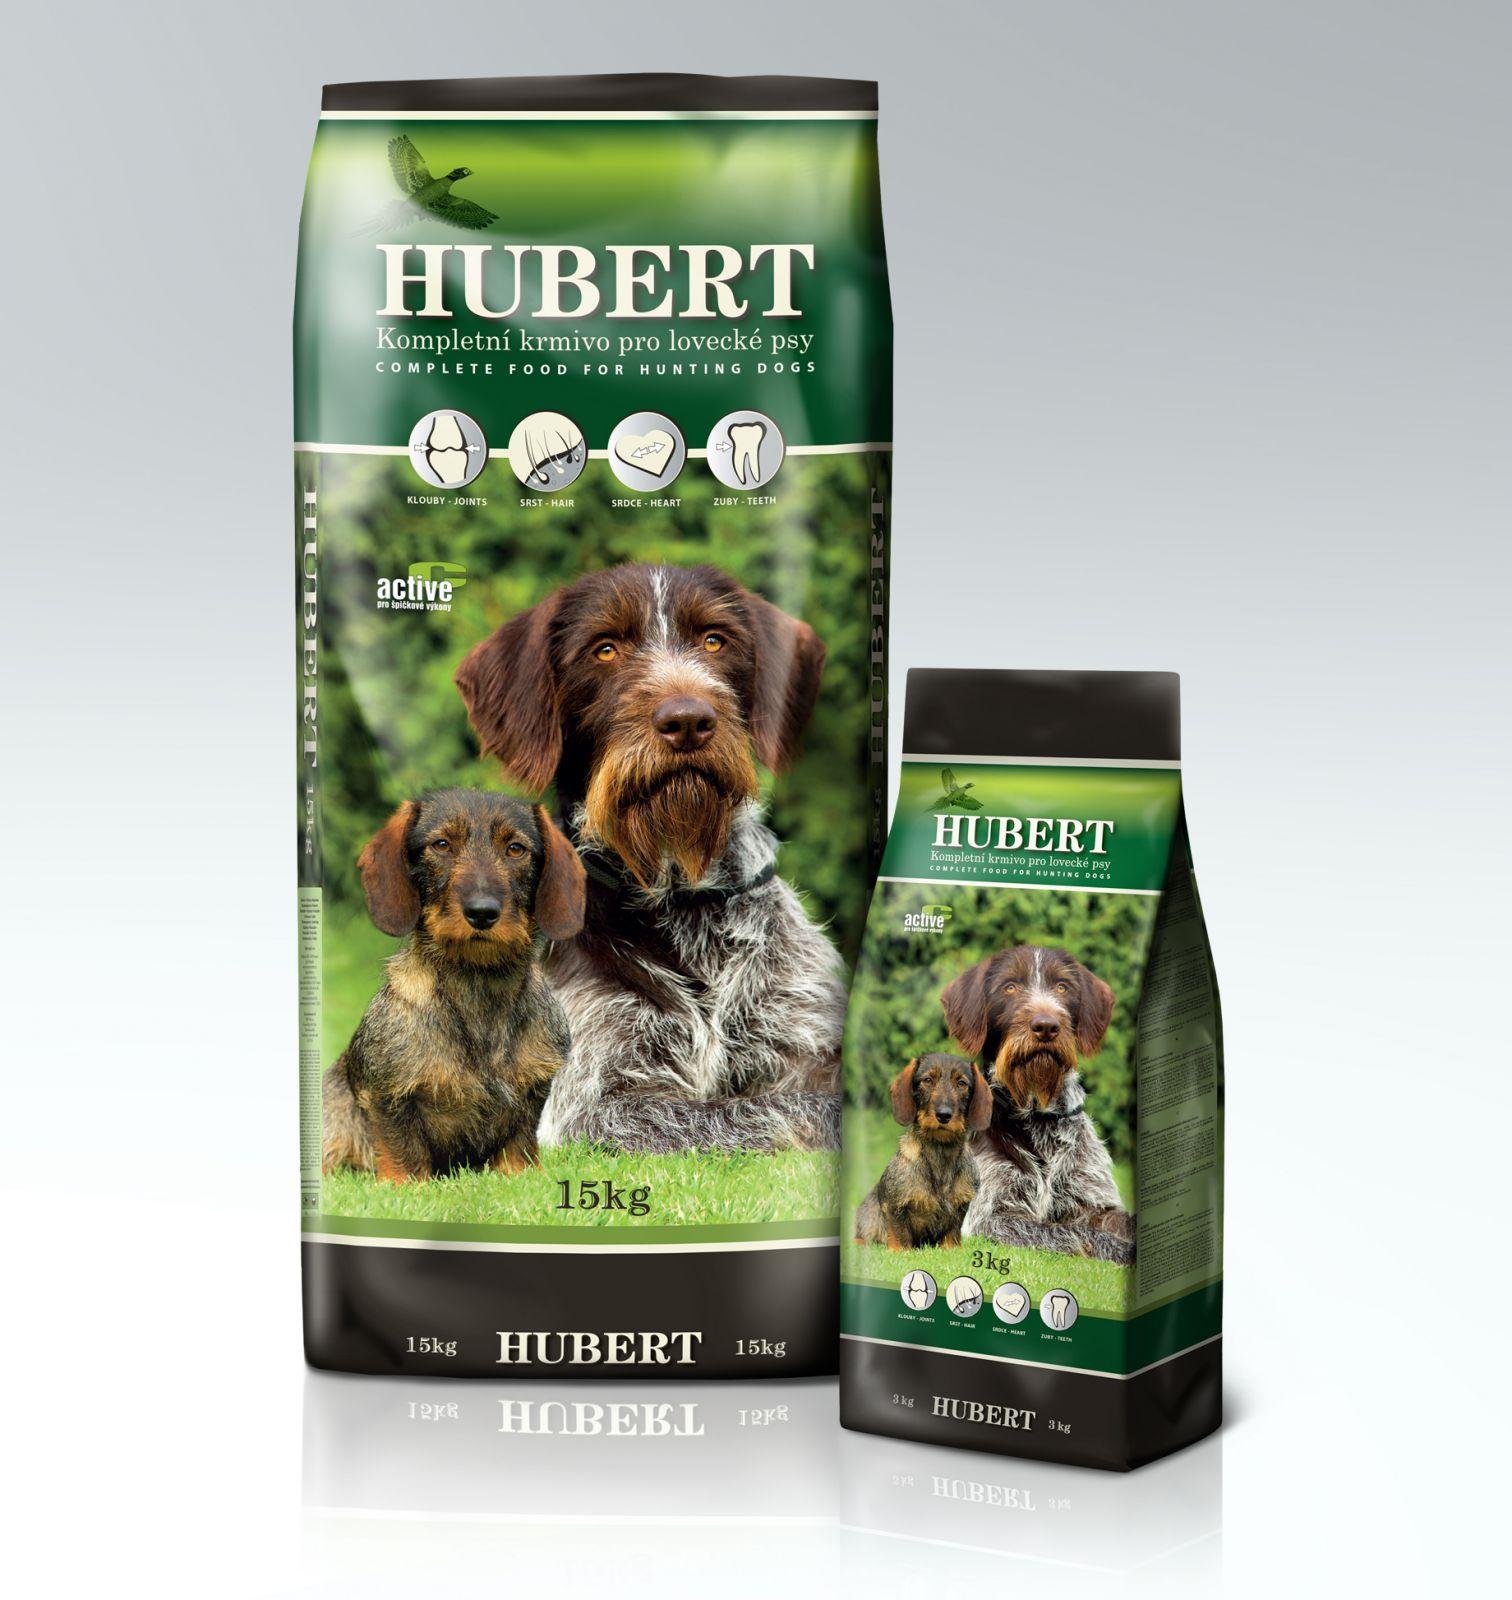 Hubert kompletní krmivo pro lovecké psy 15 kg